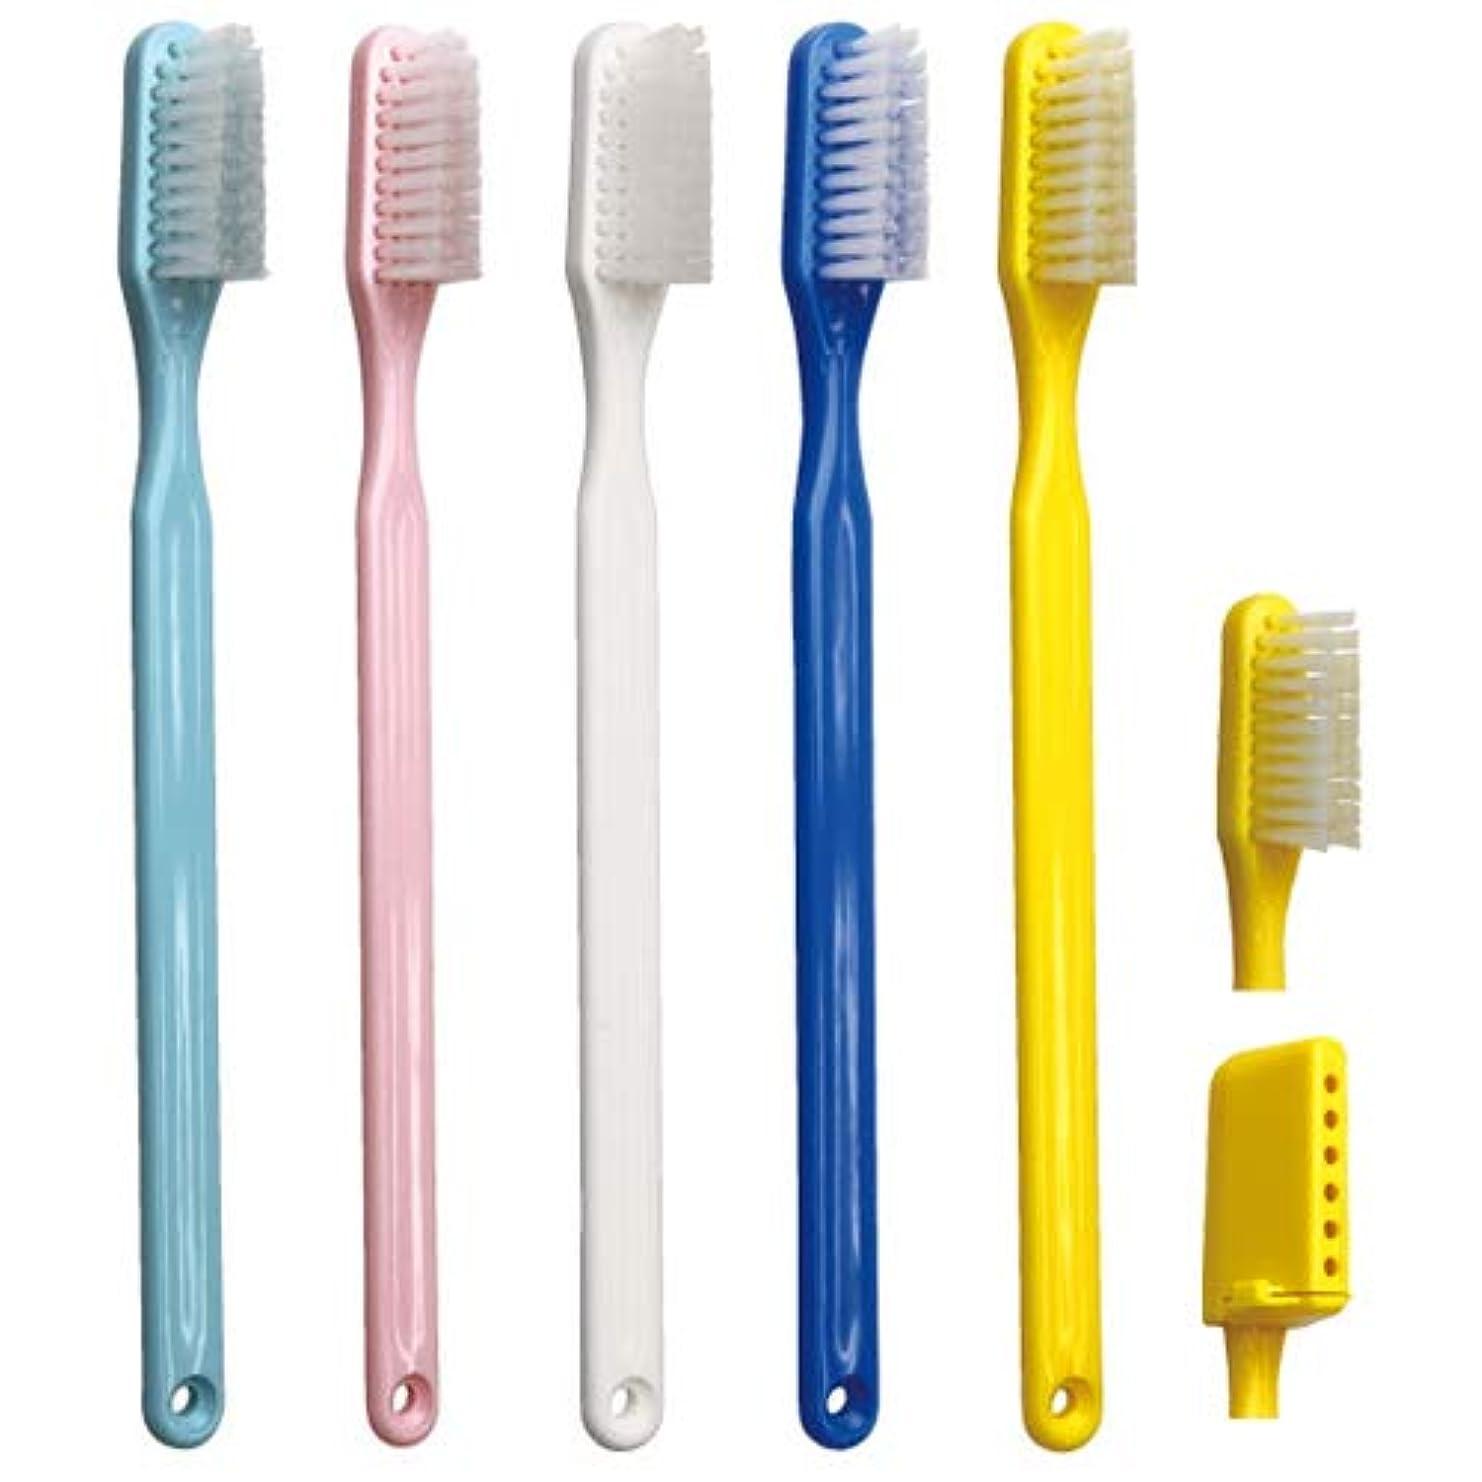 事流行している姉妹歯科医院専用商品 PHB 歯ブラシ アダルト5本セット( 歯ブラシキャップ付)ライトブルー?ピンク?ホワイト?ネオンブルー?イエロー